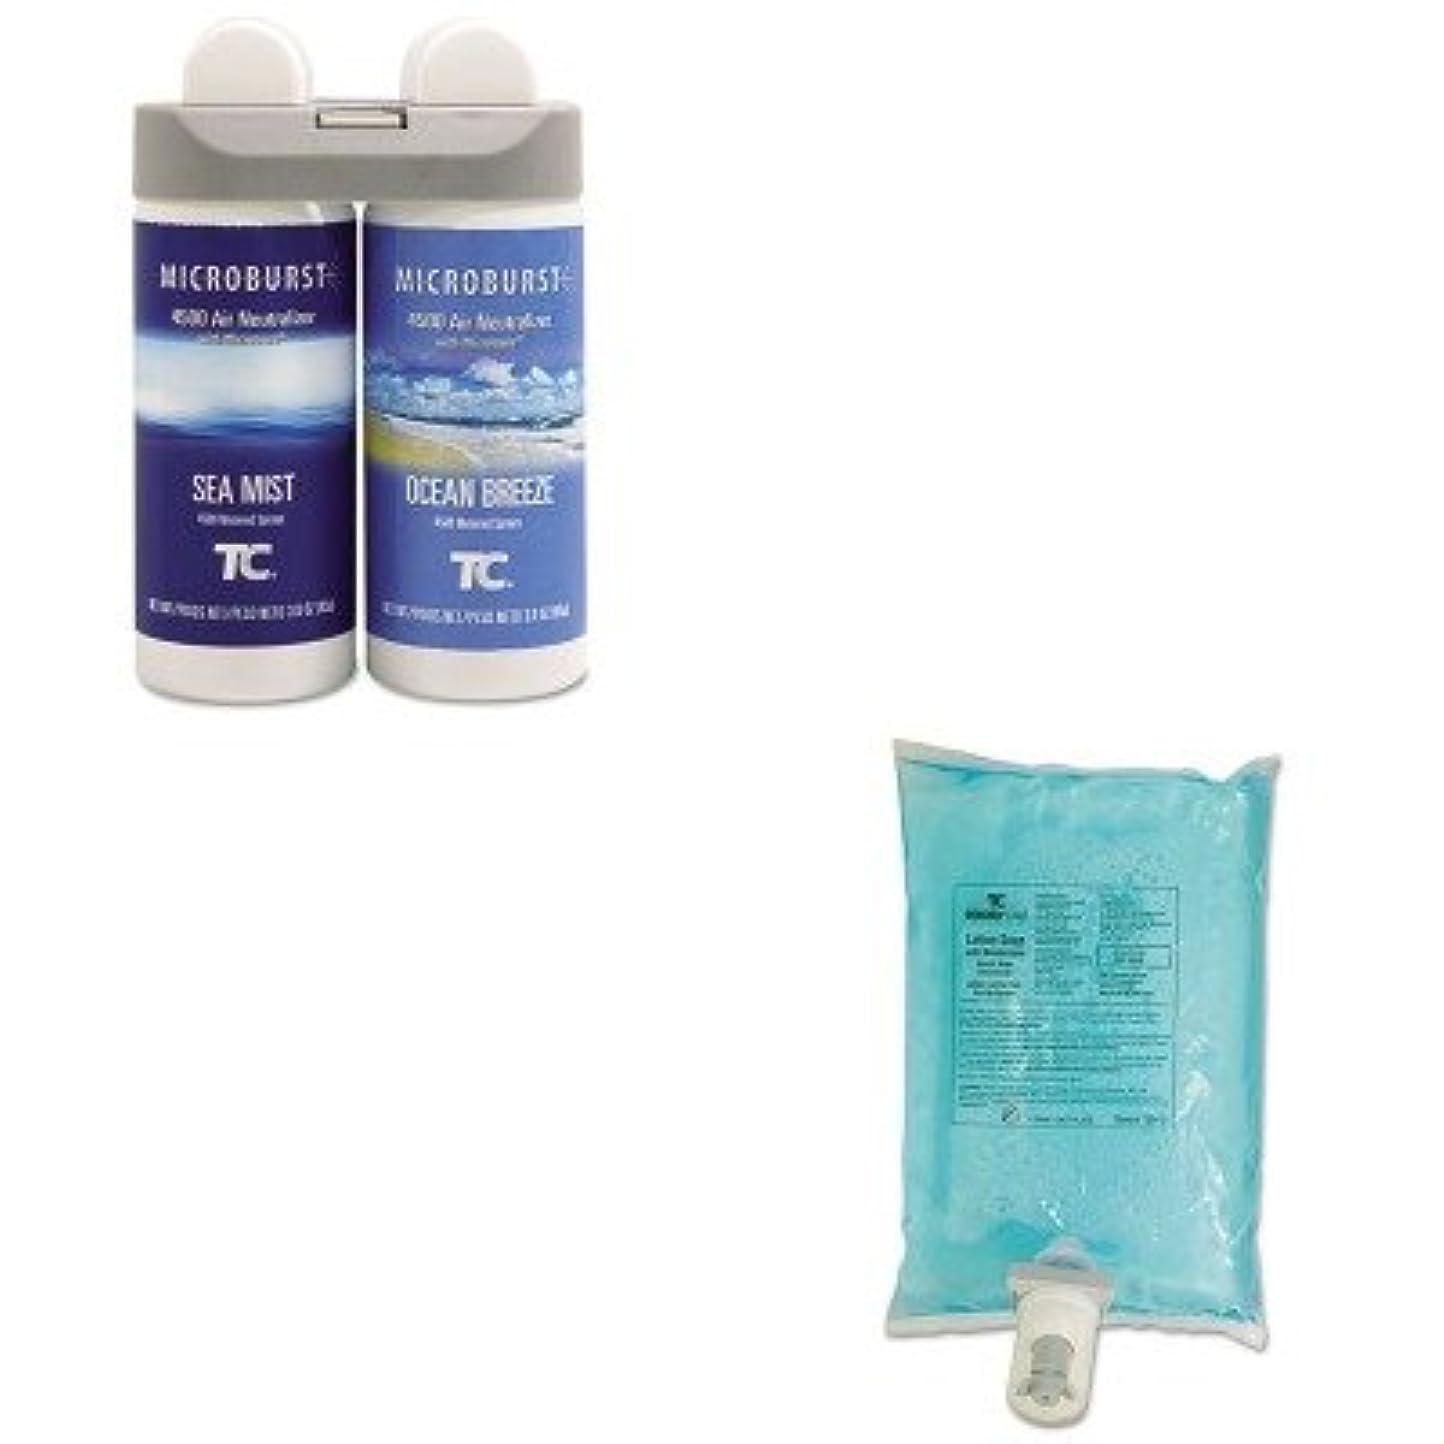 燃やすサイズ沿ってkitrcp3485951rcp750112 – Valueキット – Rubbermaid Microburst Duet Refills ( rcp3485951 )とRubbermaid AutoFoam Hand...